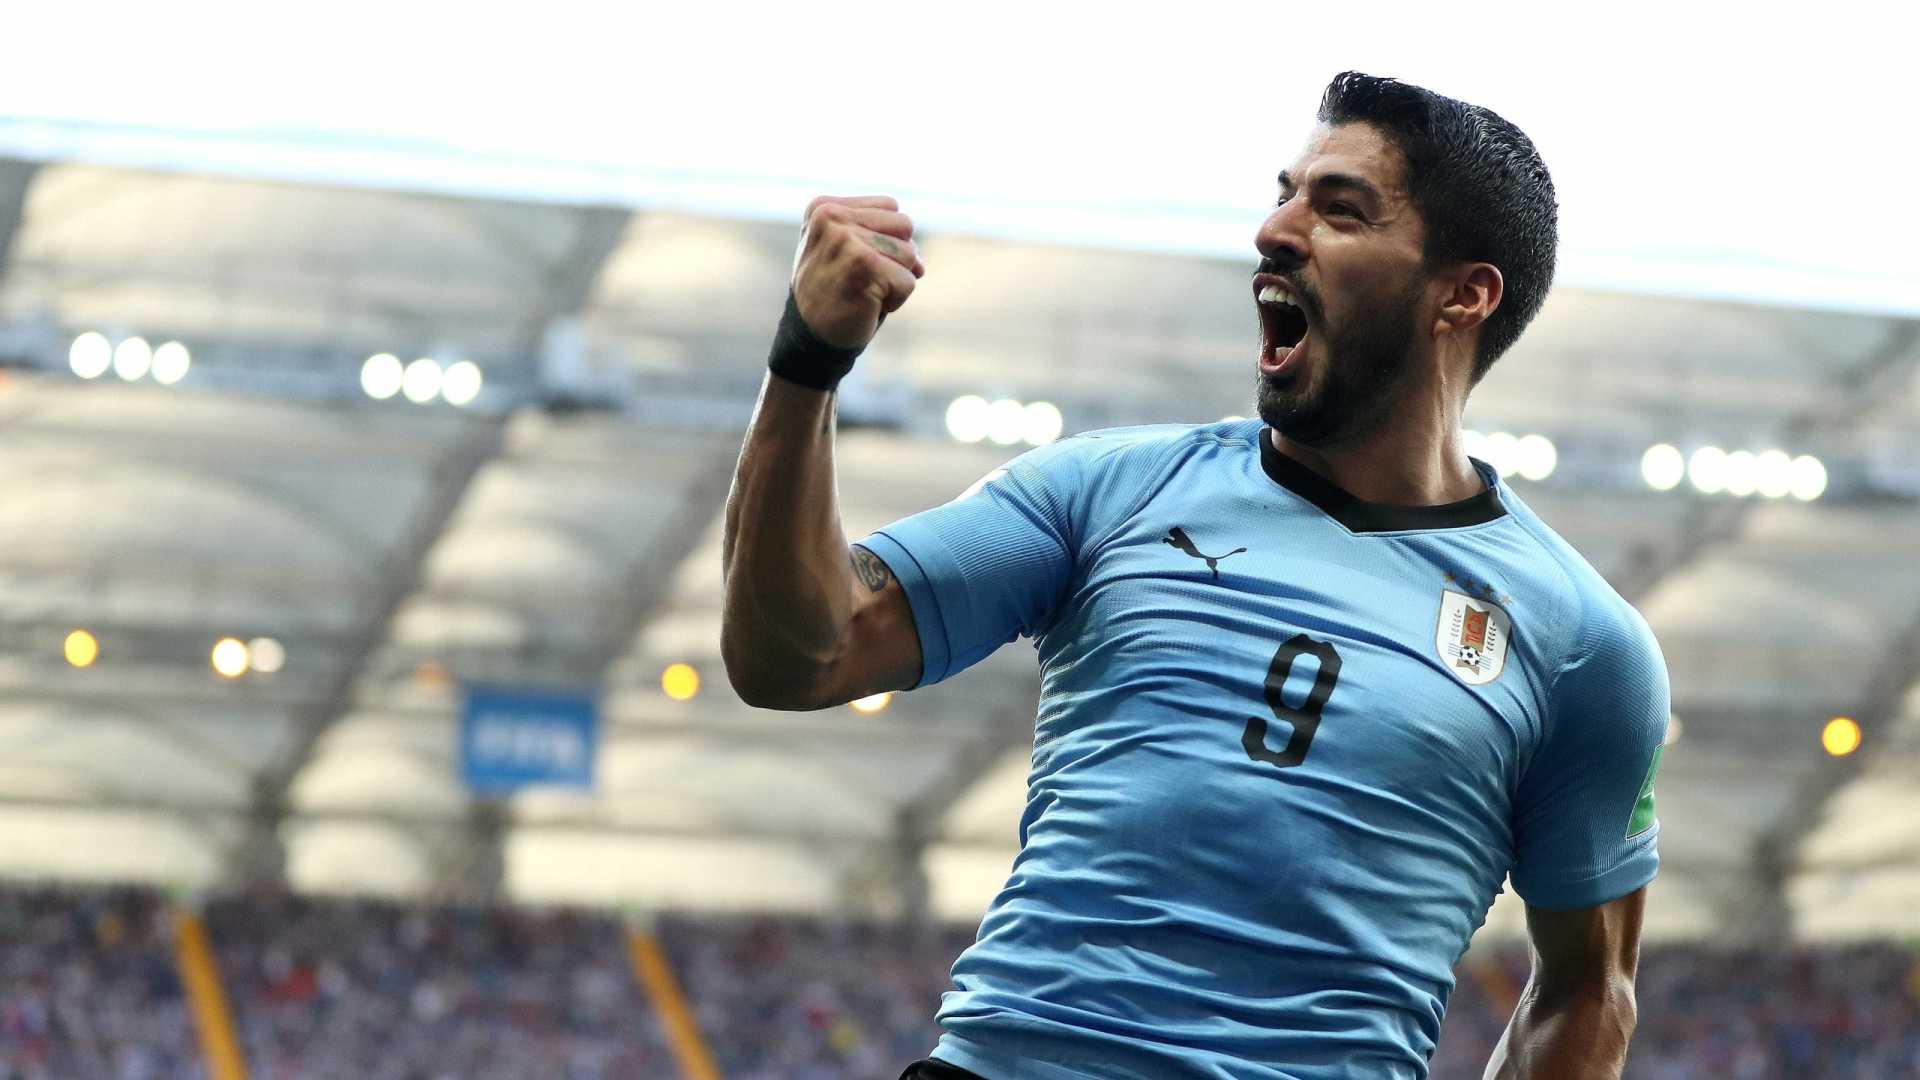 Uruguai vence a Arábia Saudita e vai às oitavas; Rússia também passa